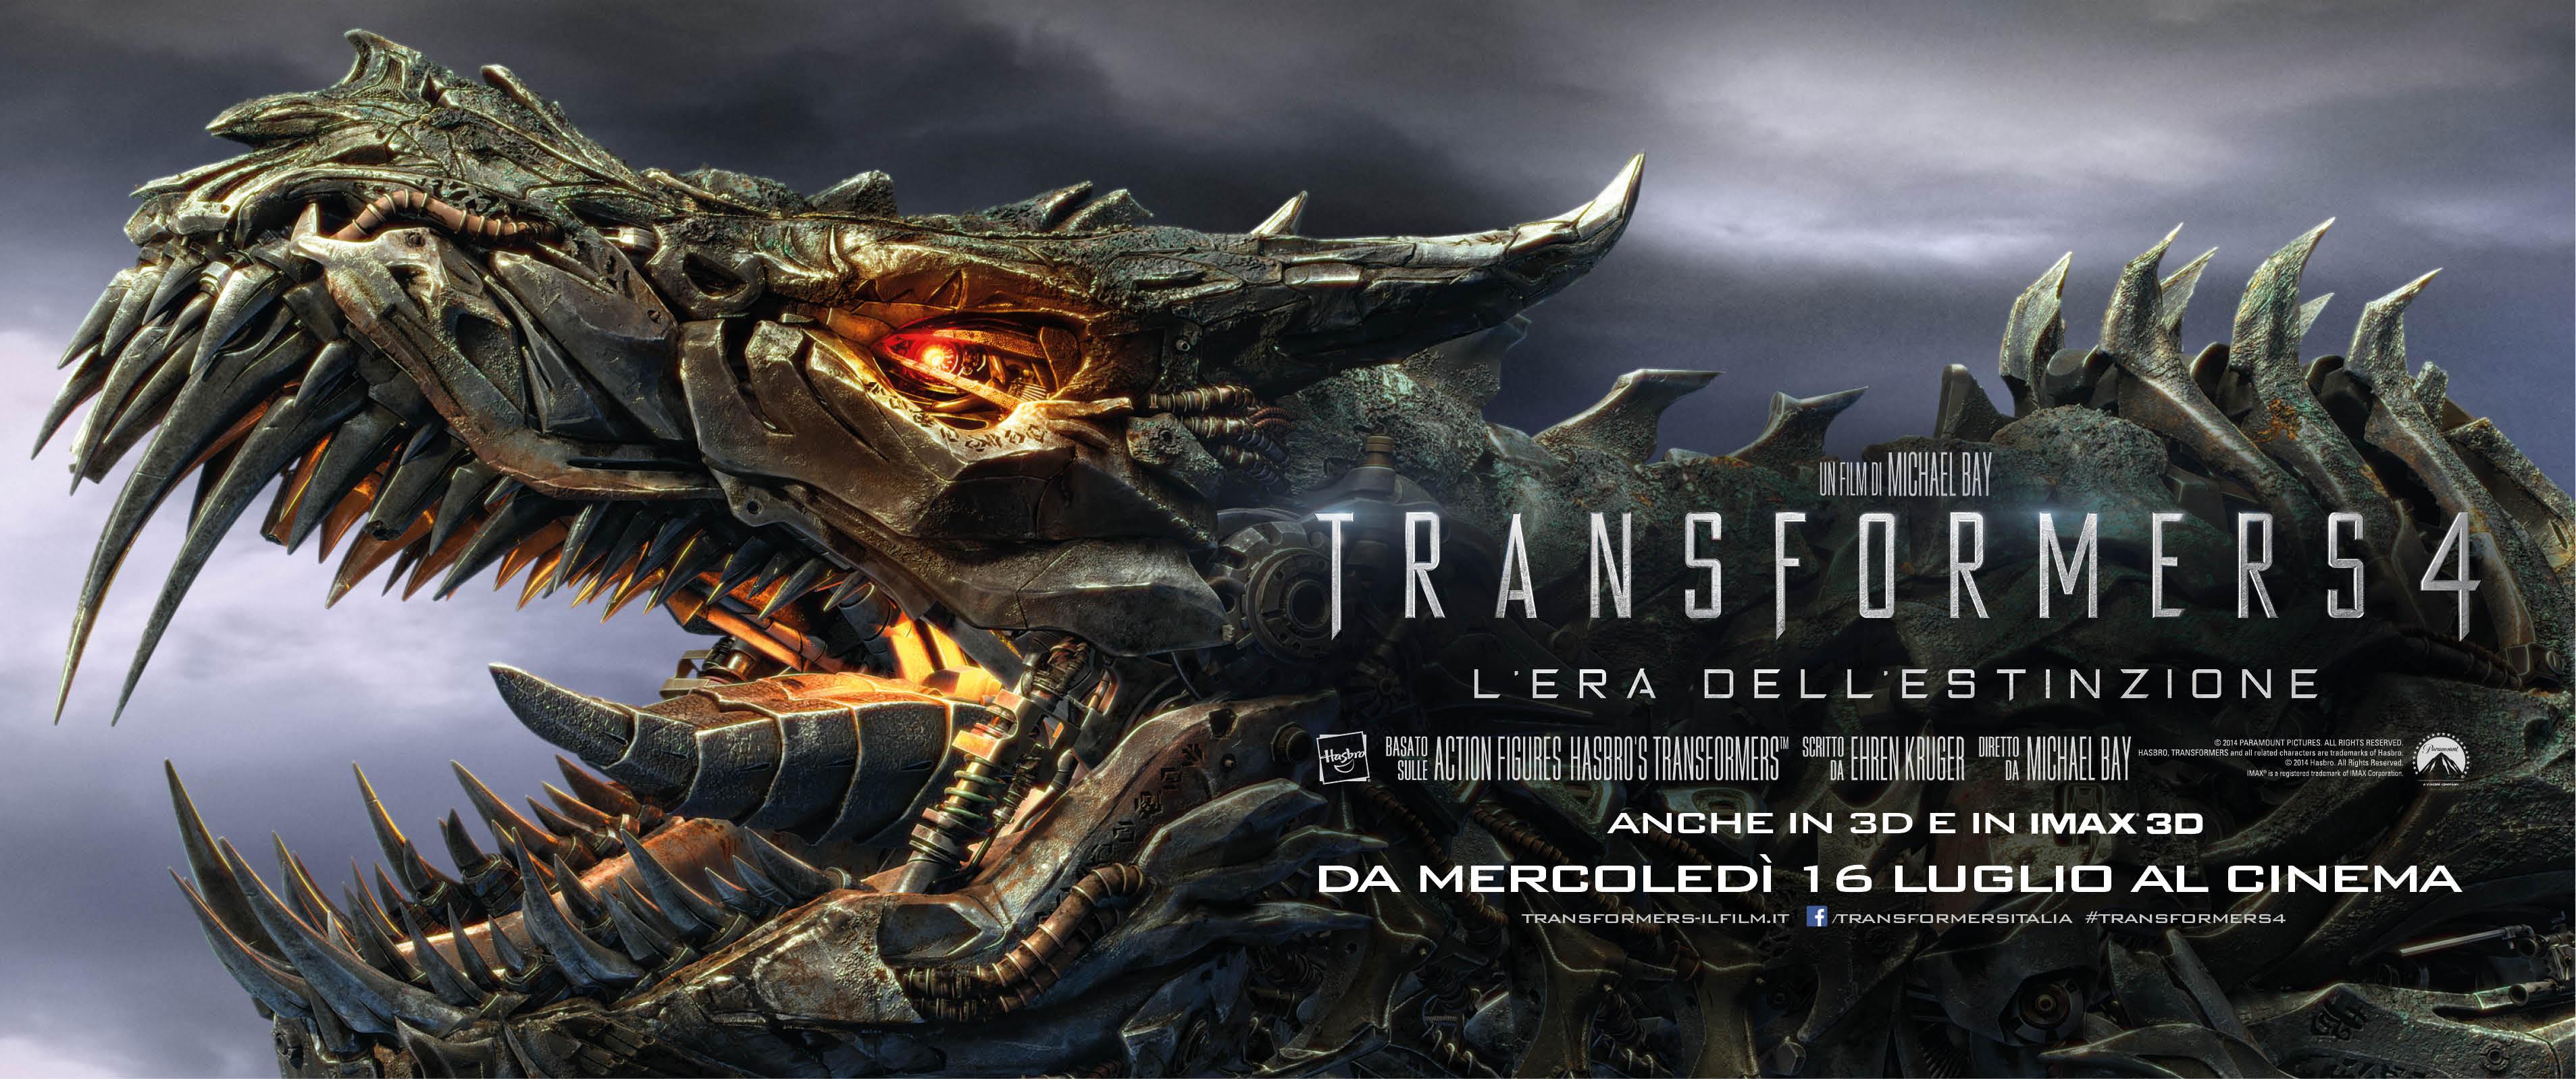 Transformers 4: L'era dell'estinzione, il primo poster orizzontale italiano del film